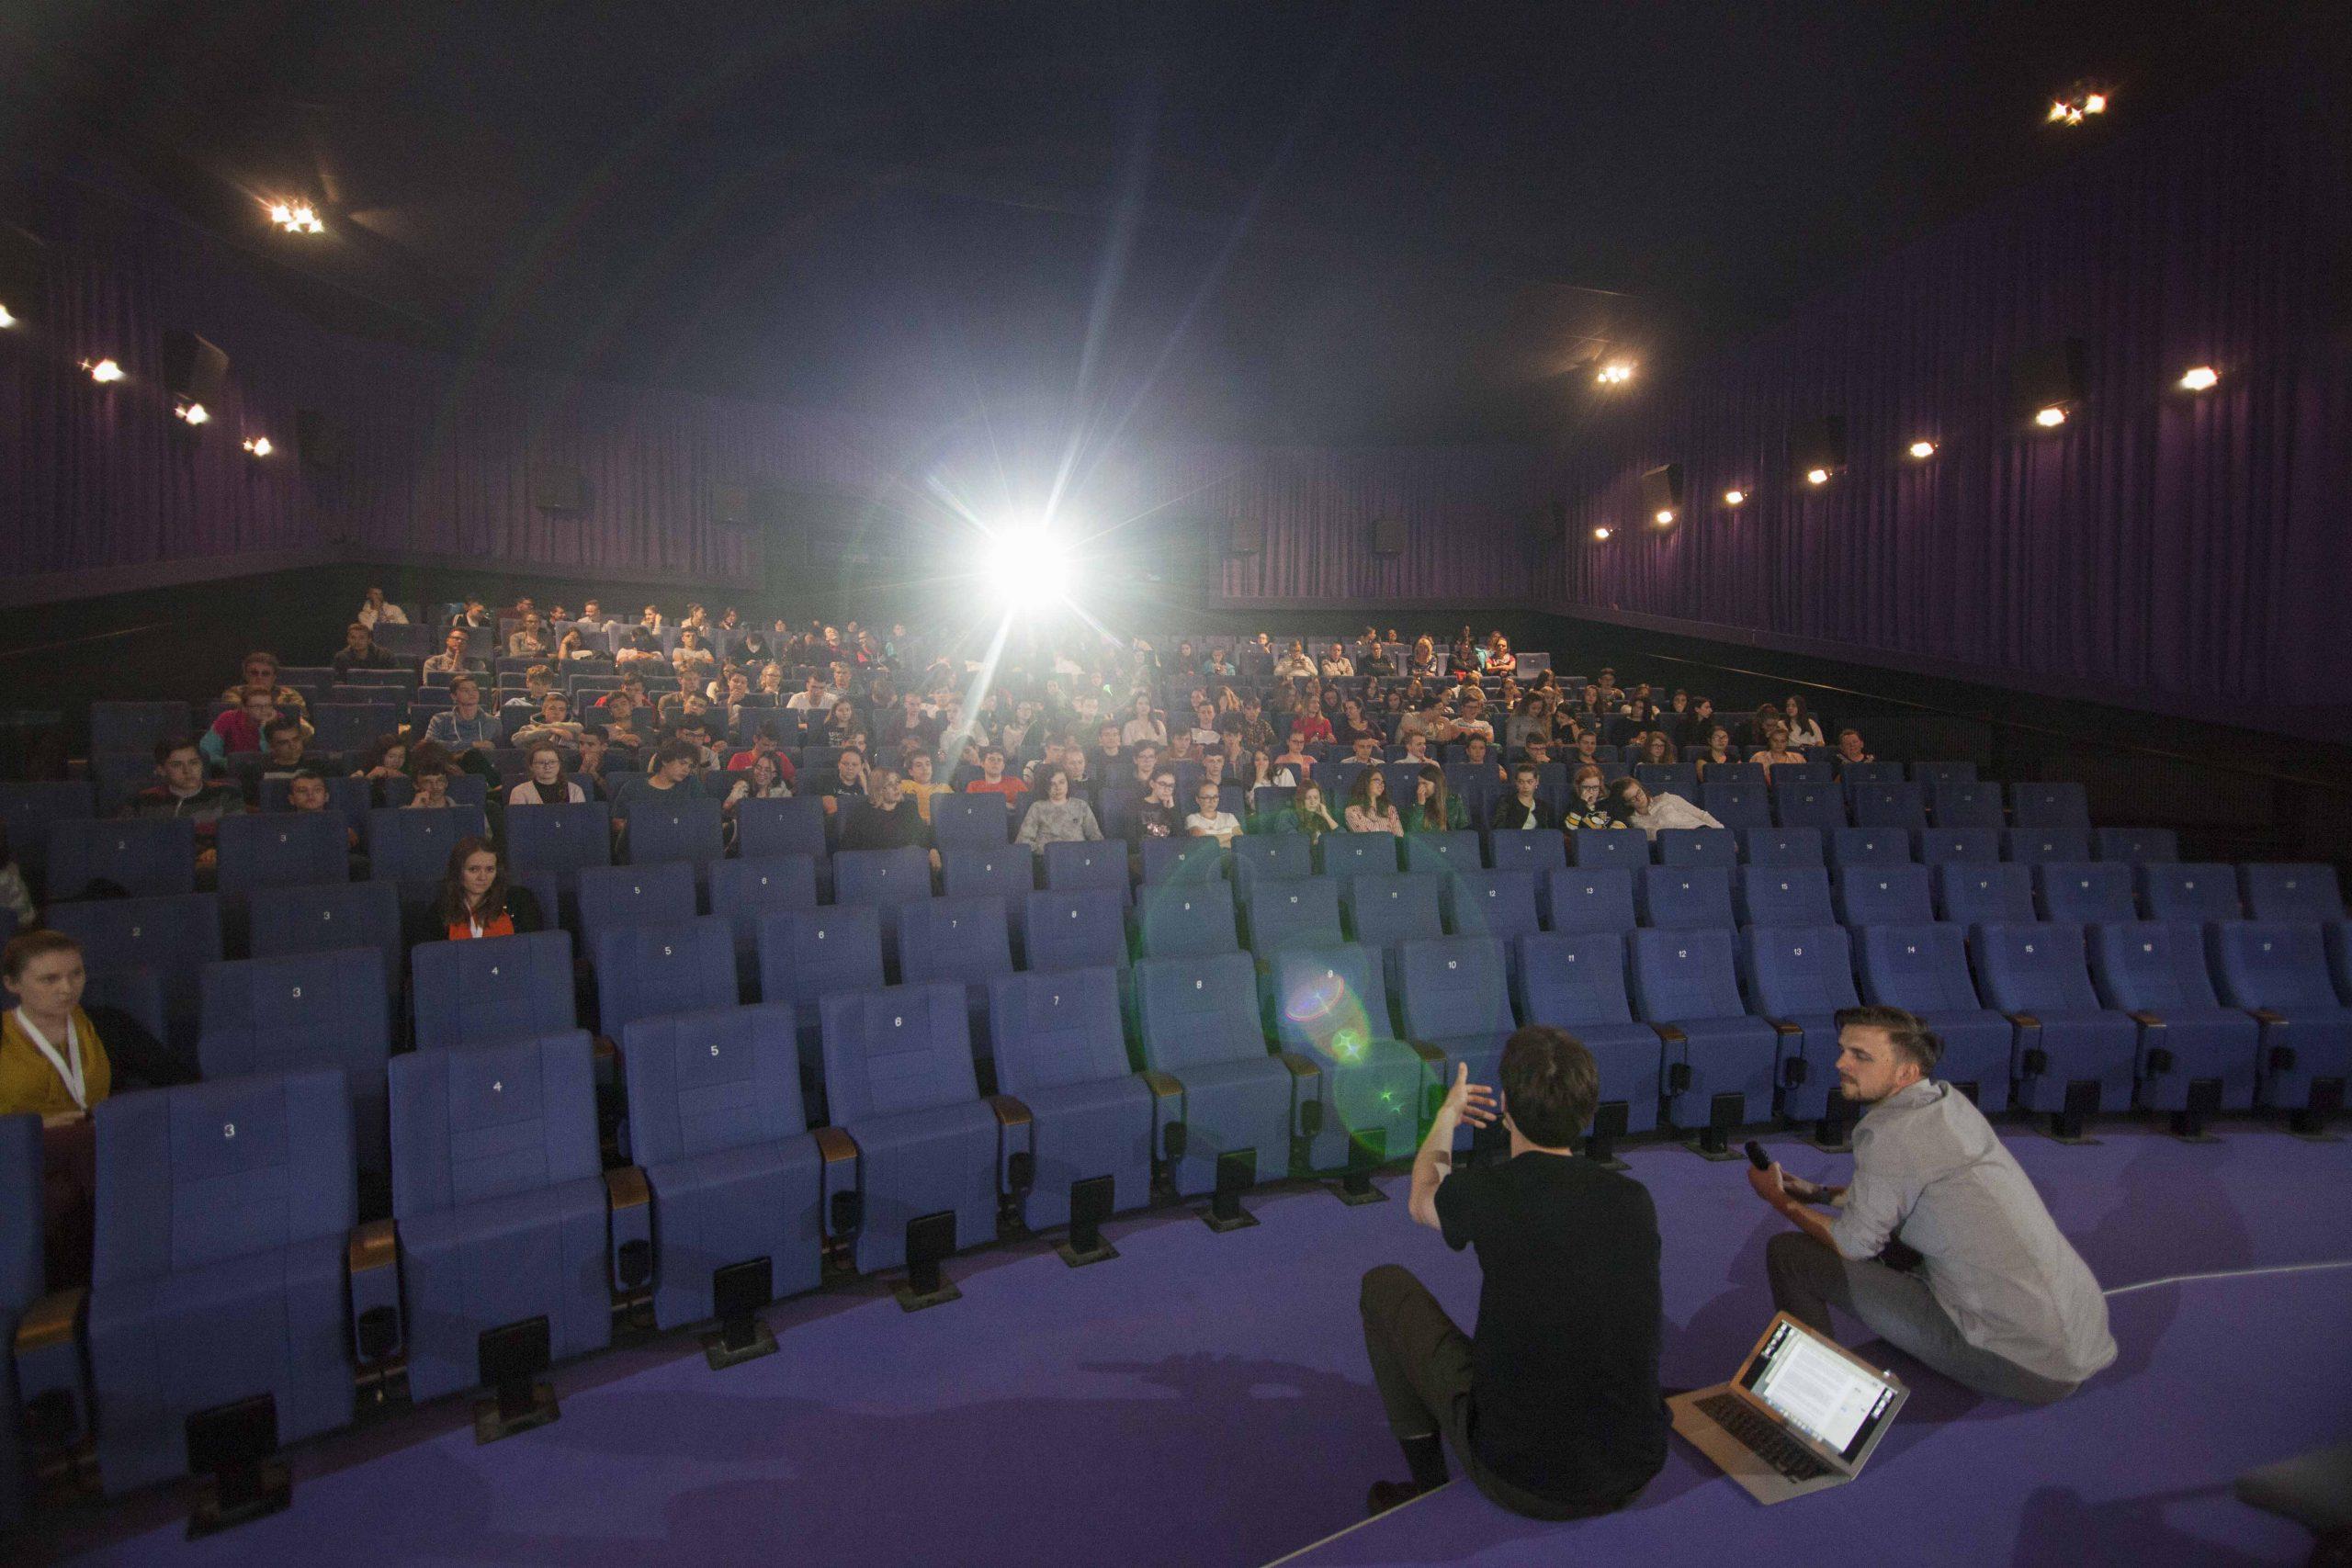 Fotografia z Festivalu slovenského filmu v Partizánskom. Desiatky ľudí sedia v kinosále, na okraji pódia sedia dvaja muži a prihovárajú sa publiku.